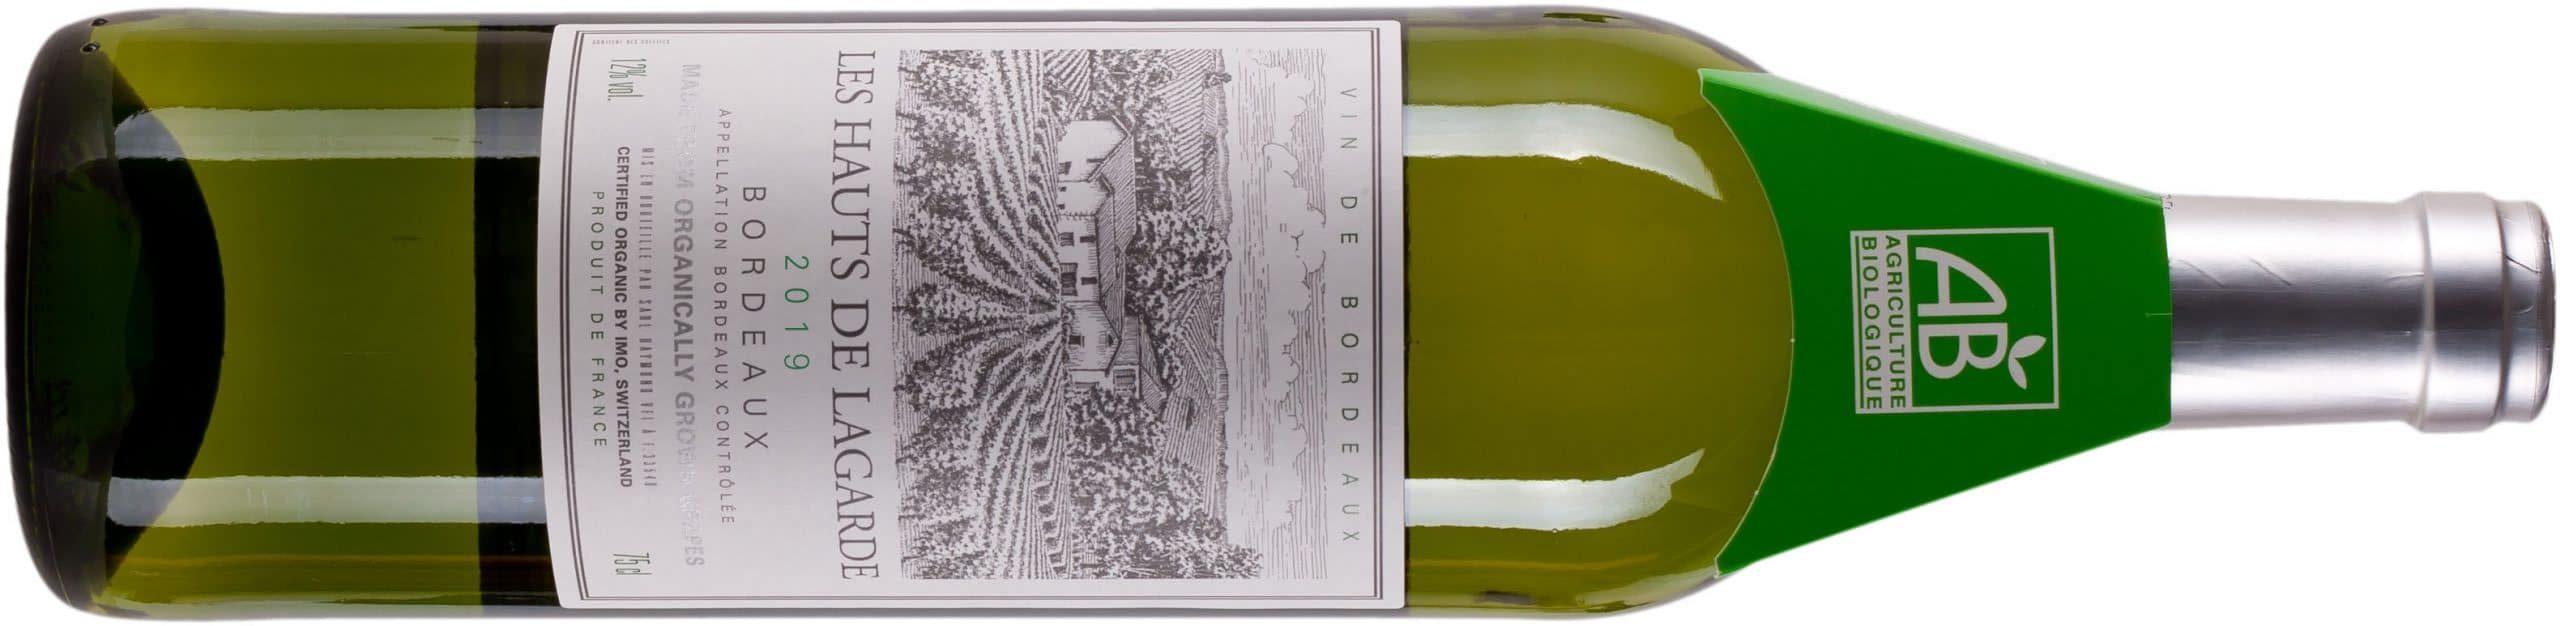 Les Hauts de Lagarde Bordeaux Blanc Best Organic Wines